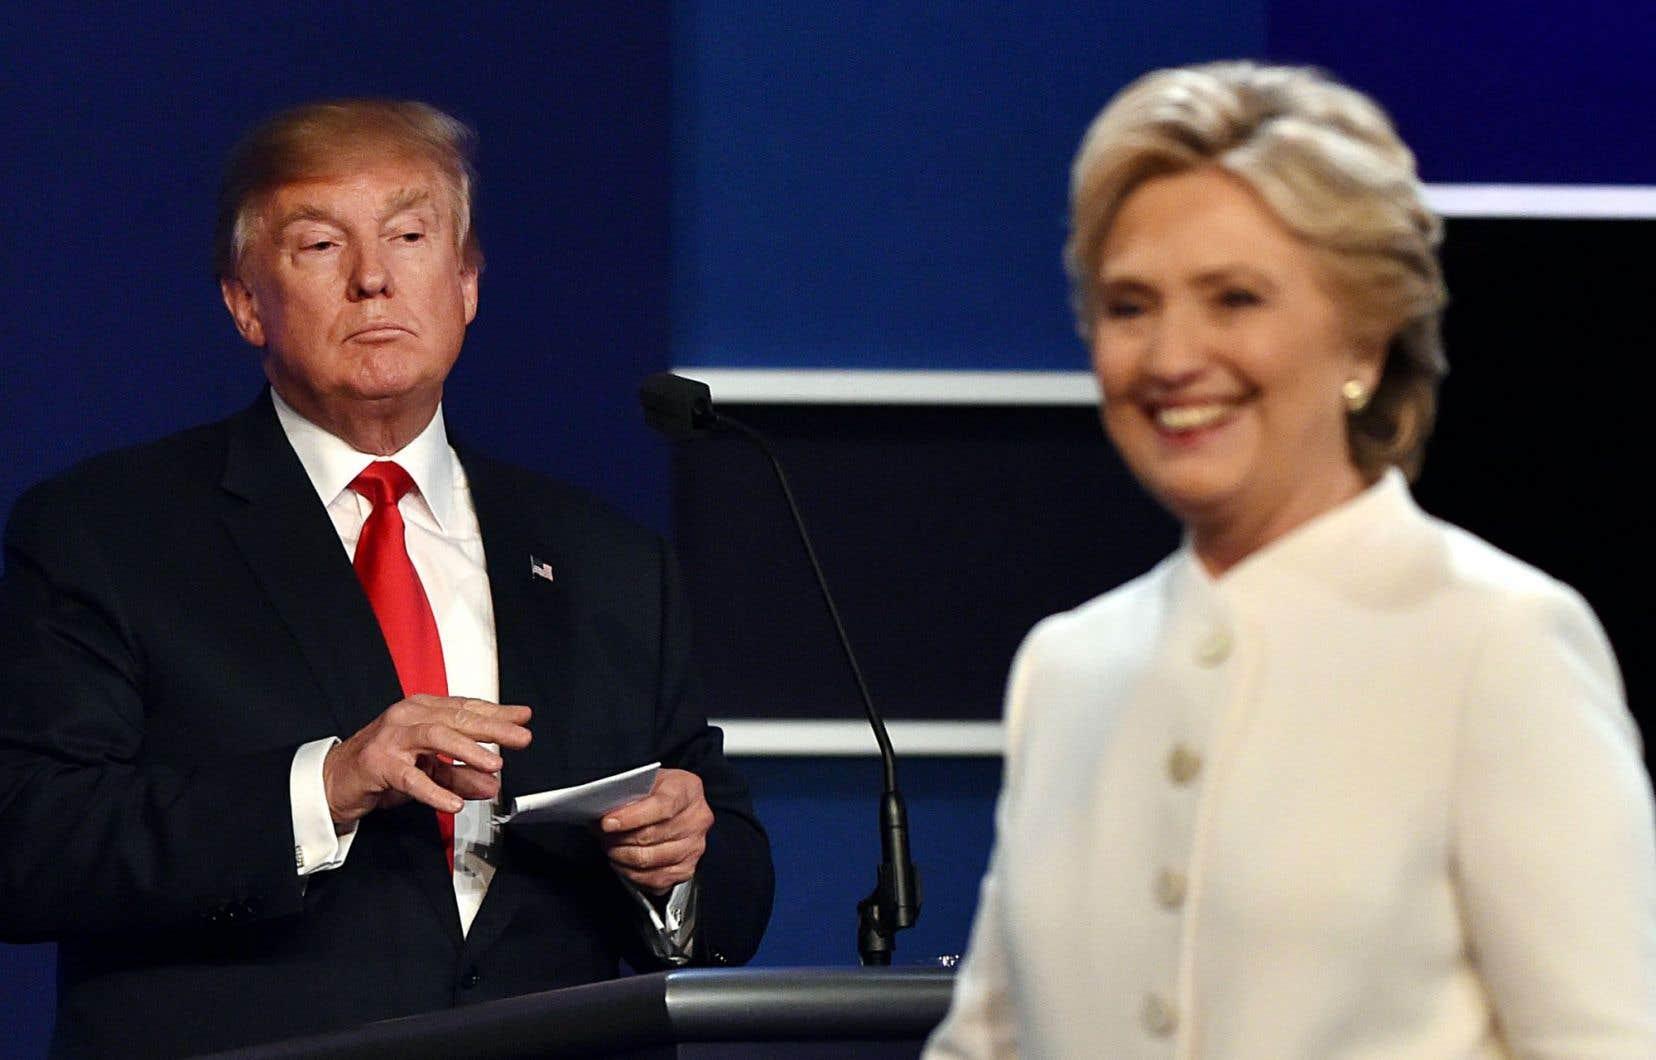 Mercredi soir à l'Université de Las Vegas, au Nevada, les deux candidats à la présidence américaine ont une dernière fois croisé le fer lors d'un ultime débat télévisé.